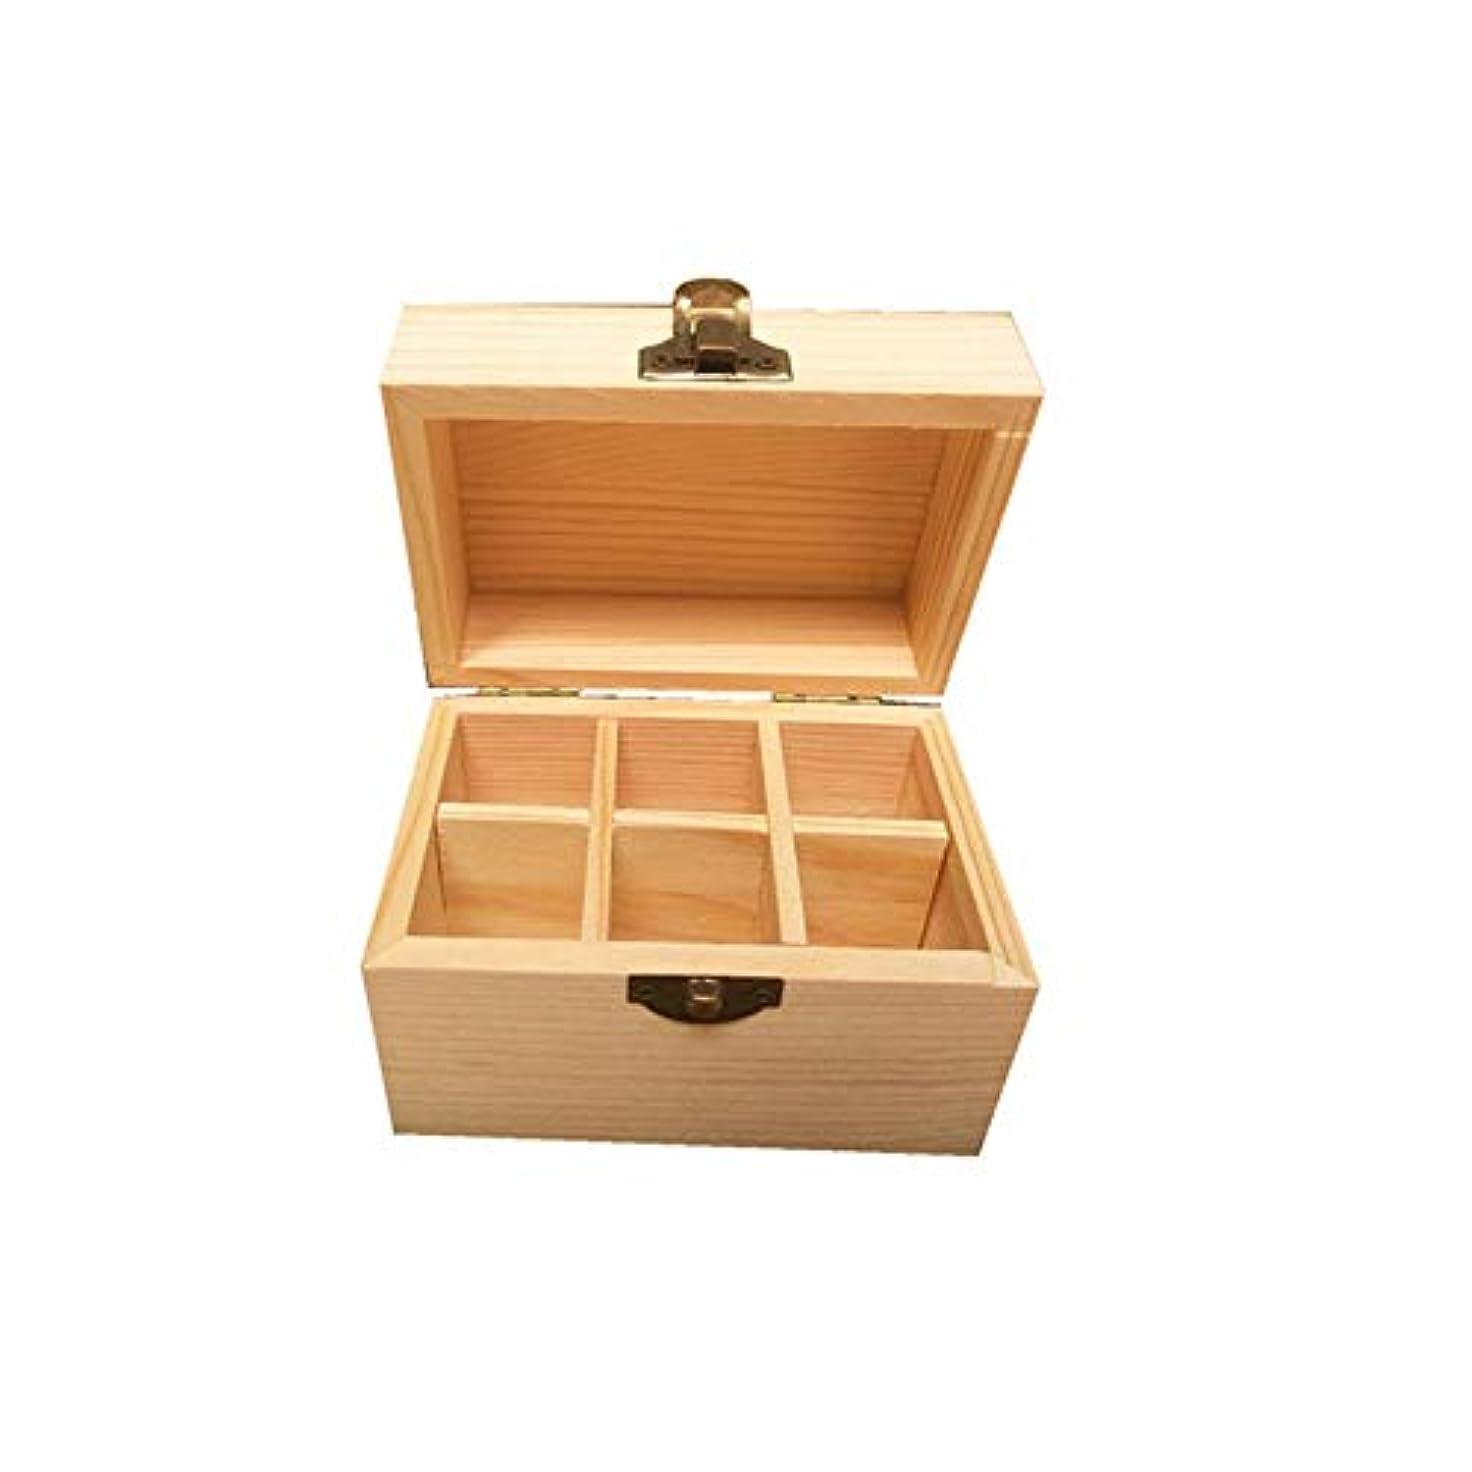 干ばつライバルじゃがいもエッセンシャルオイルストレージボックス 6ボトル木製エッセンシャルオイルストレージボックスパーフェクトエッセンシャルオイルケース 旅行およびプレゼンテーション用 (色 : Natural, サイズ : 12X8X8.5CM)